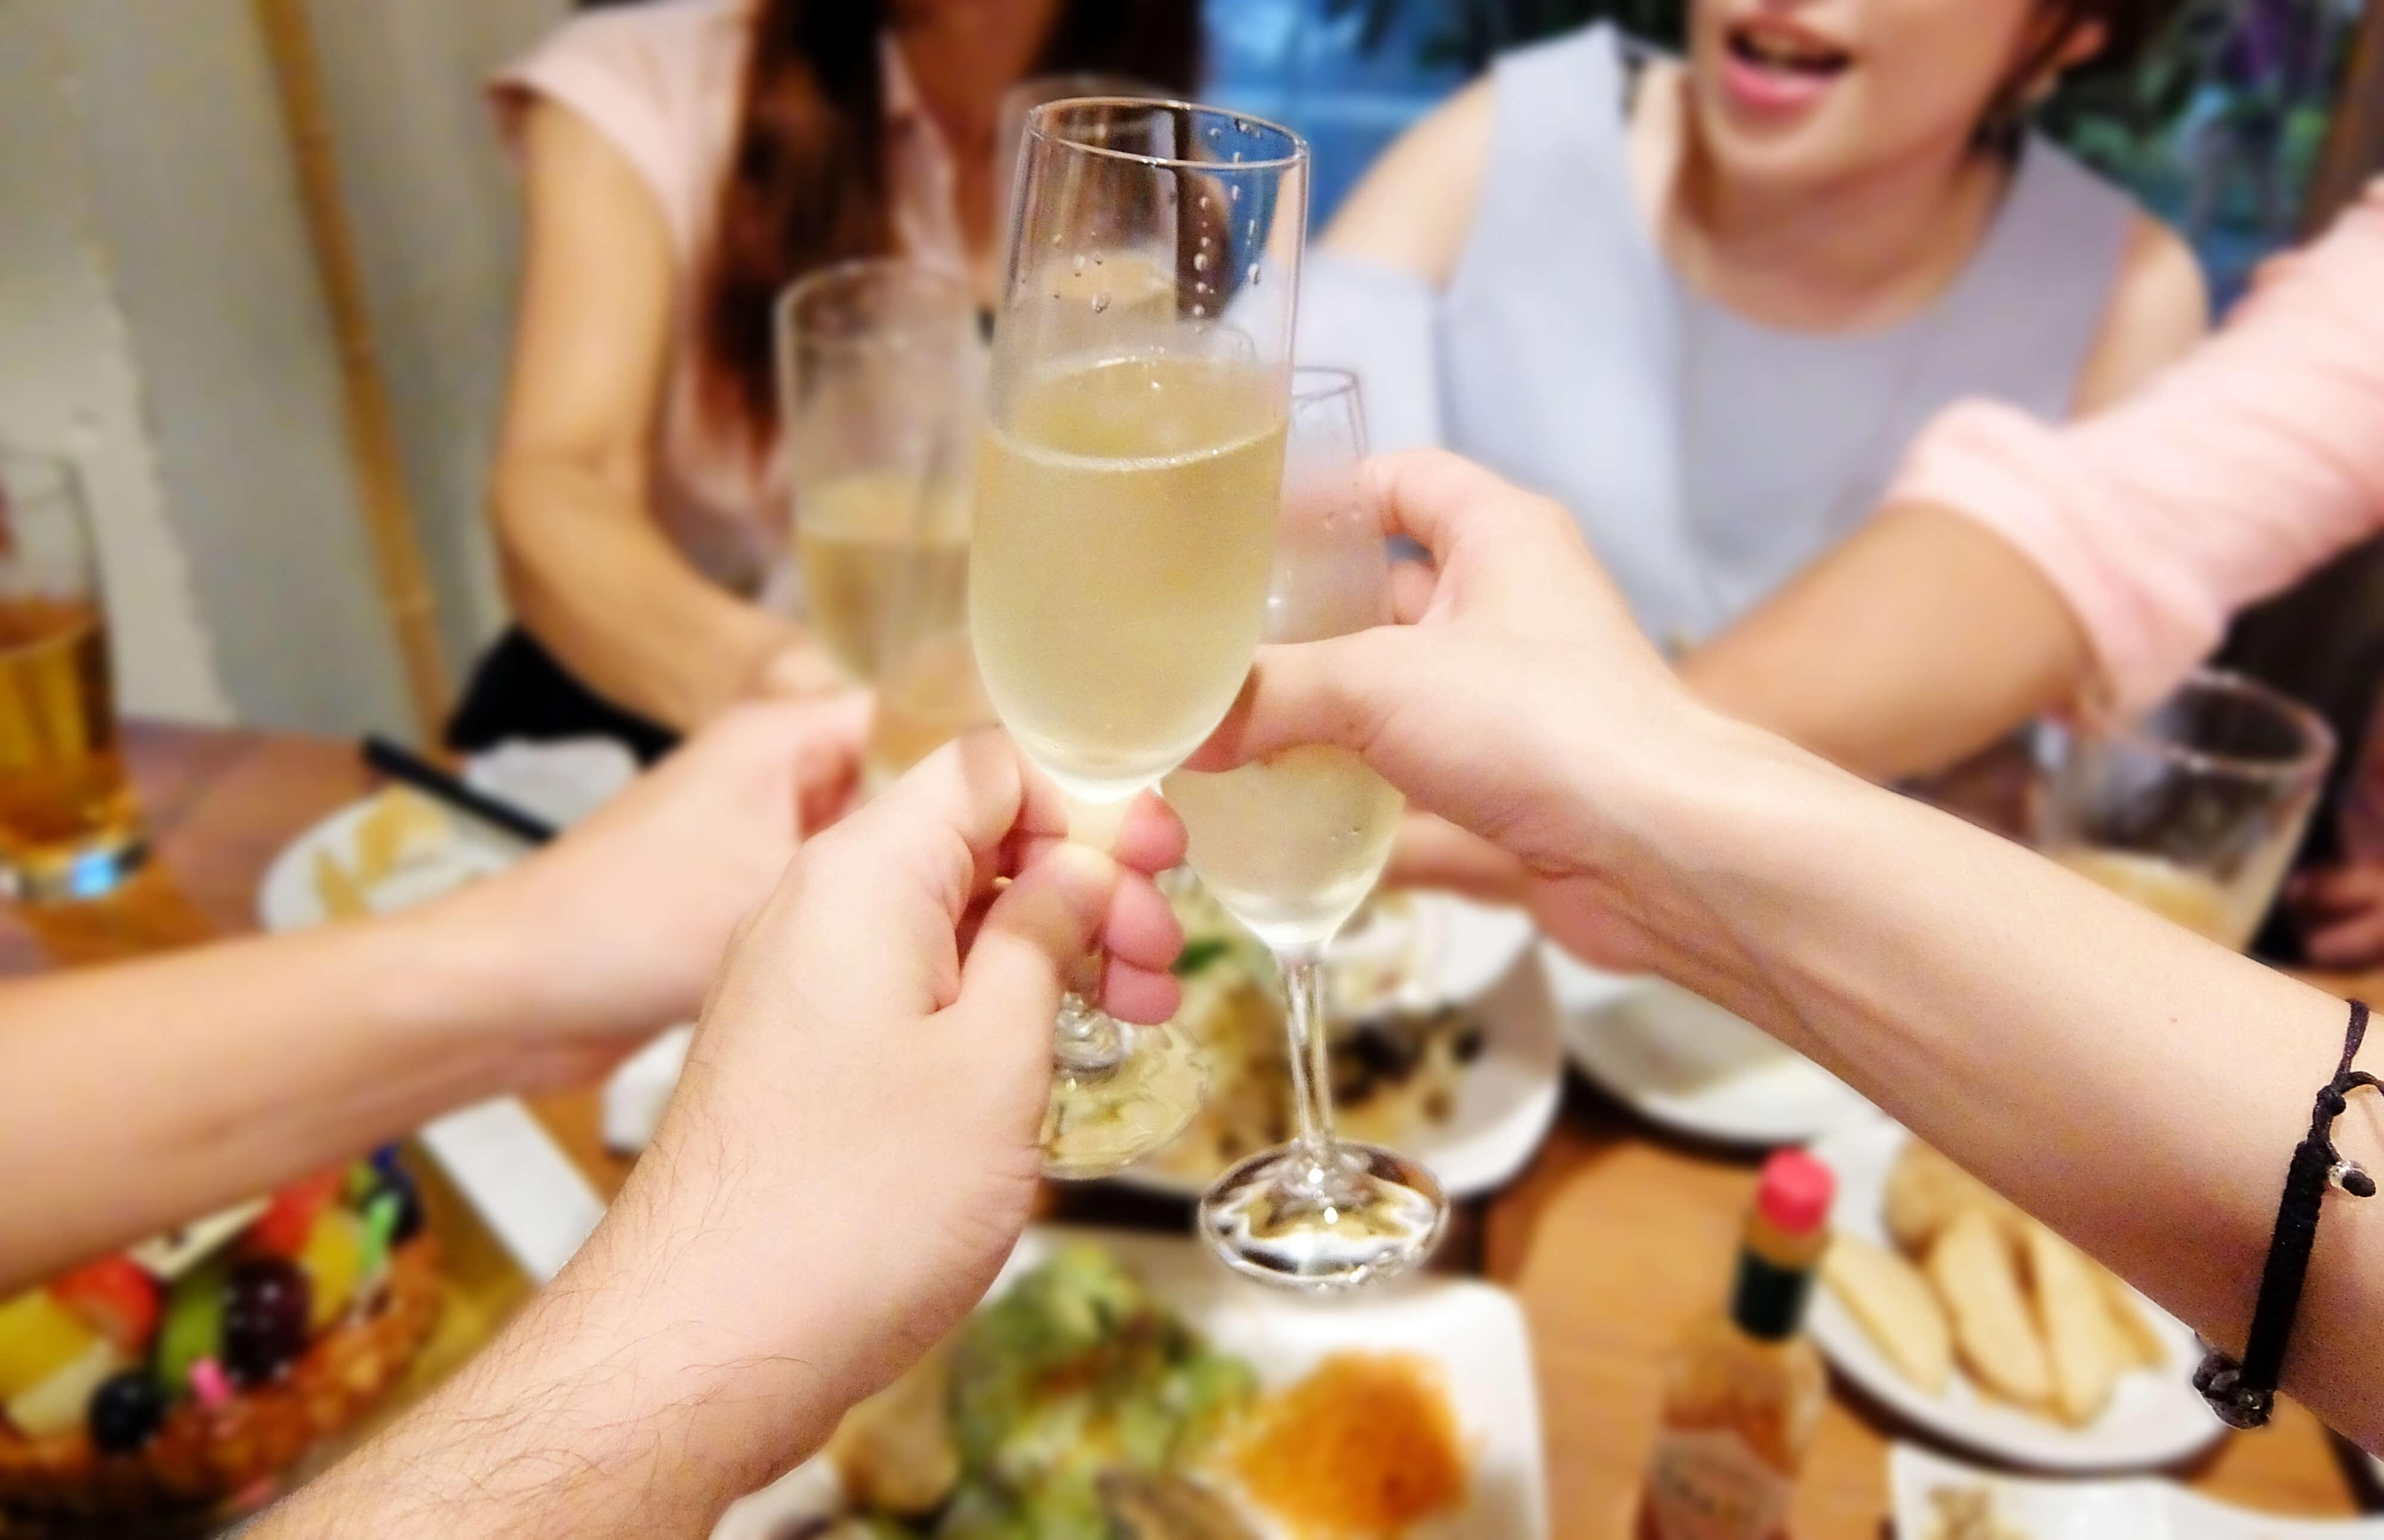 話題の婚活パーティーは現代の縁結びの場と成り得るか?